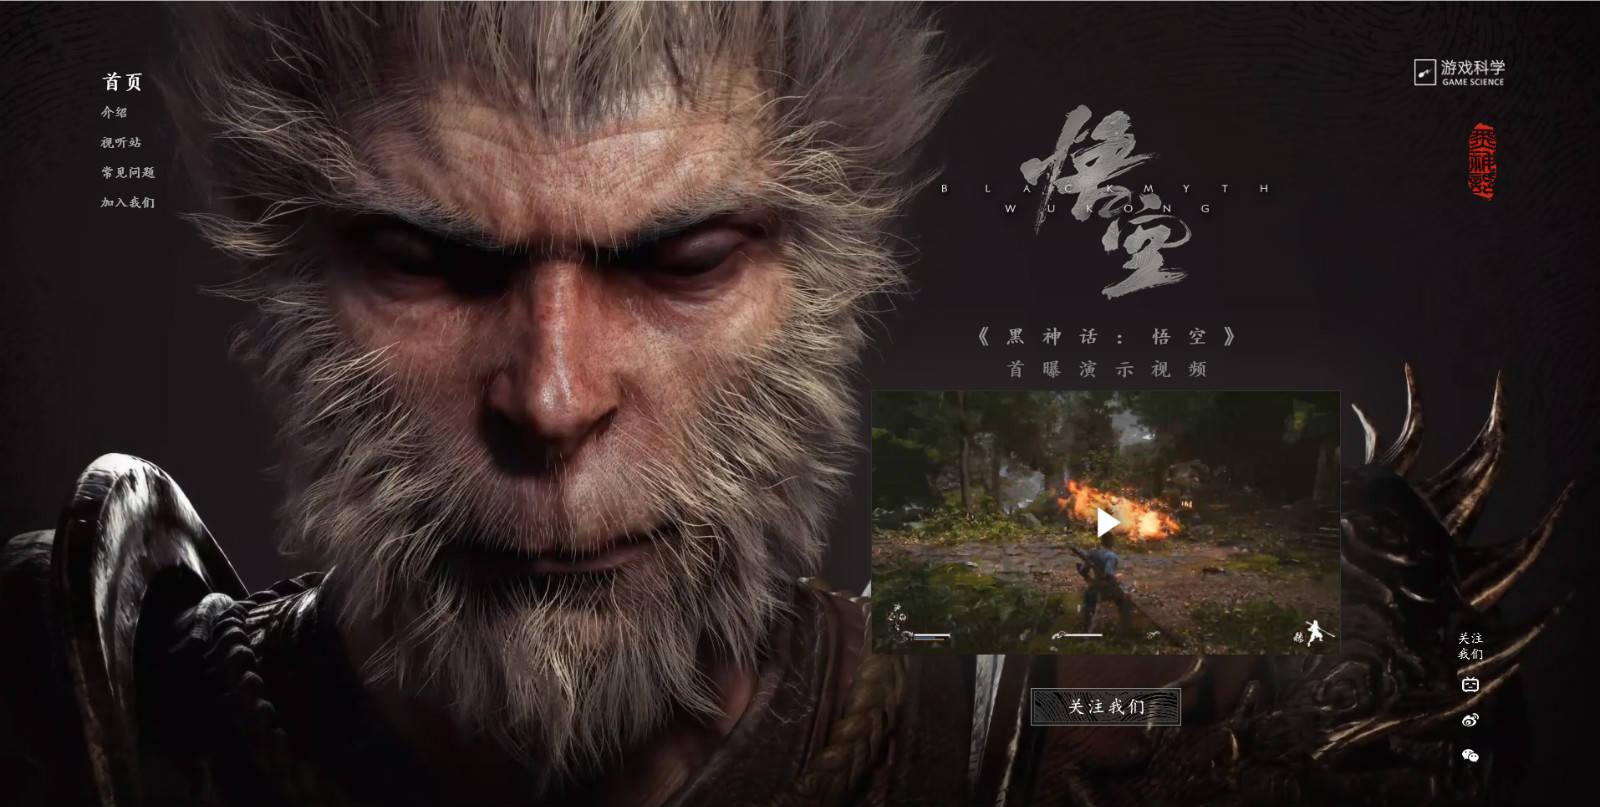 国产单机动作RPG游戏《黑神话:悟空》发表 老题新解 精致画面补充西游记的故事